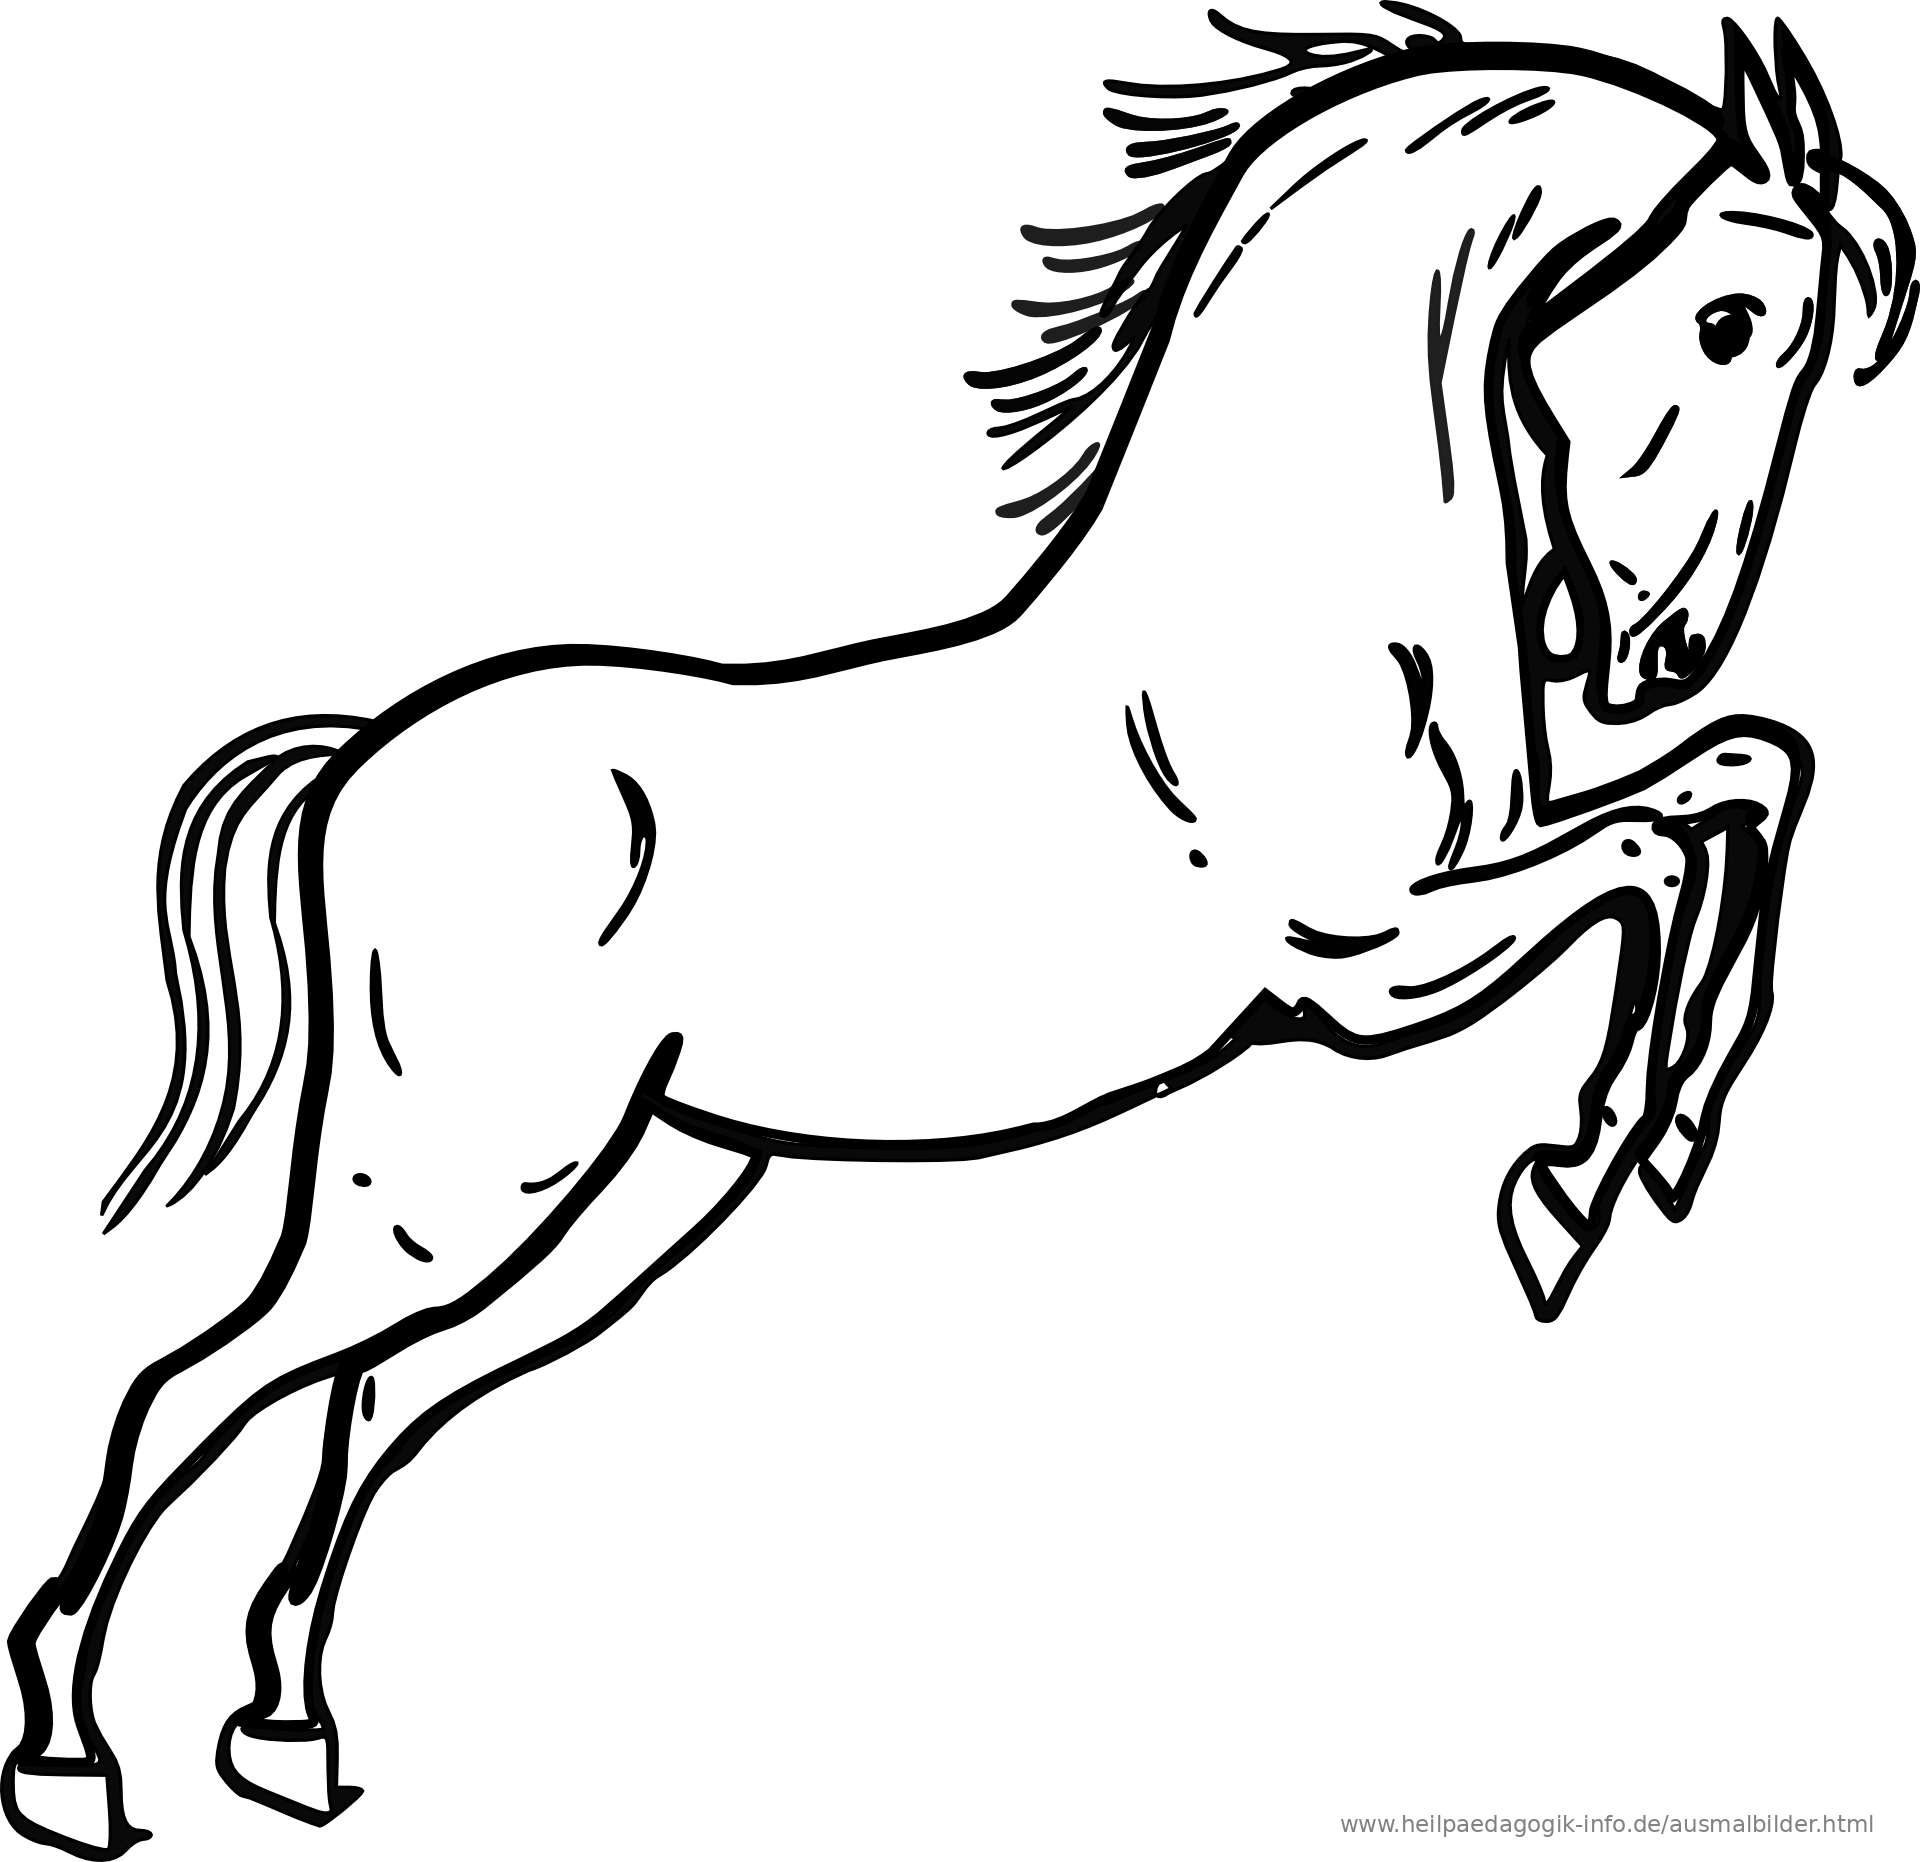 Ausmalbilder pferde ausmalbild pferd als pdf oder png anzeigen altavistaventures Image collections